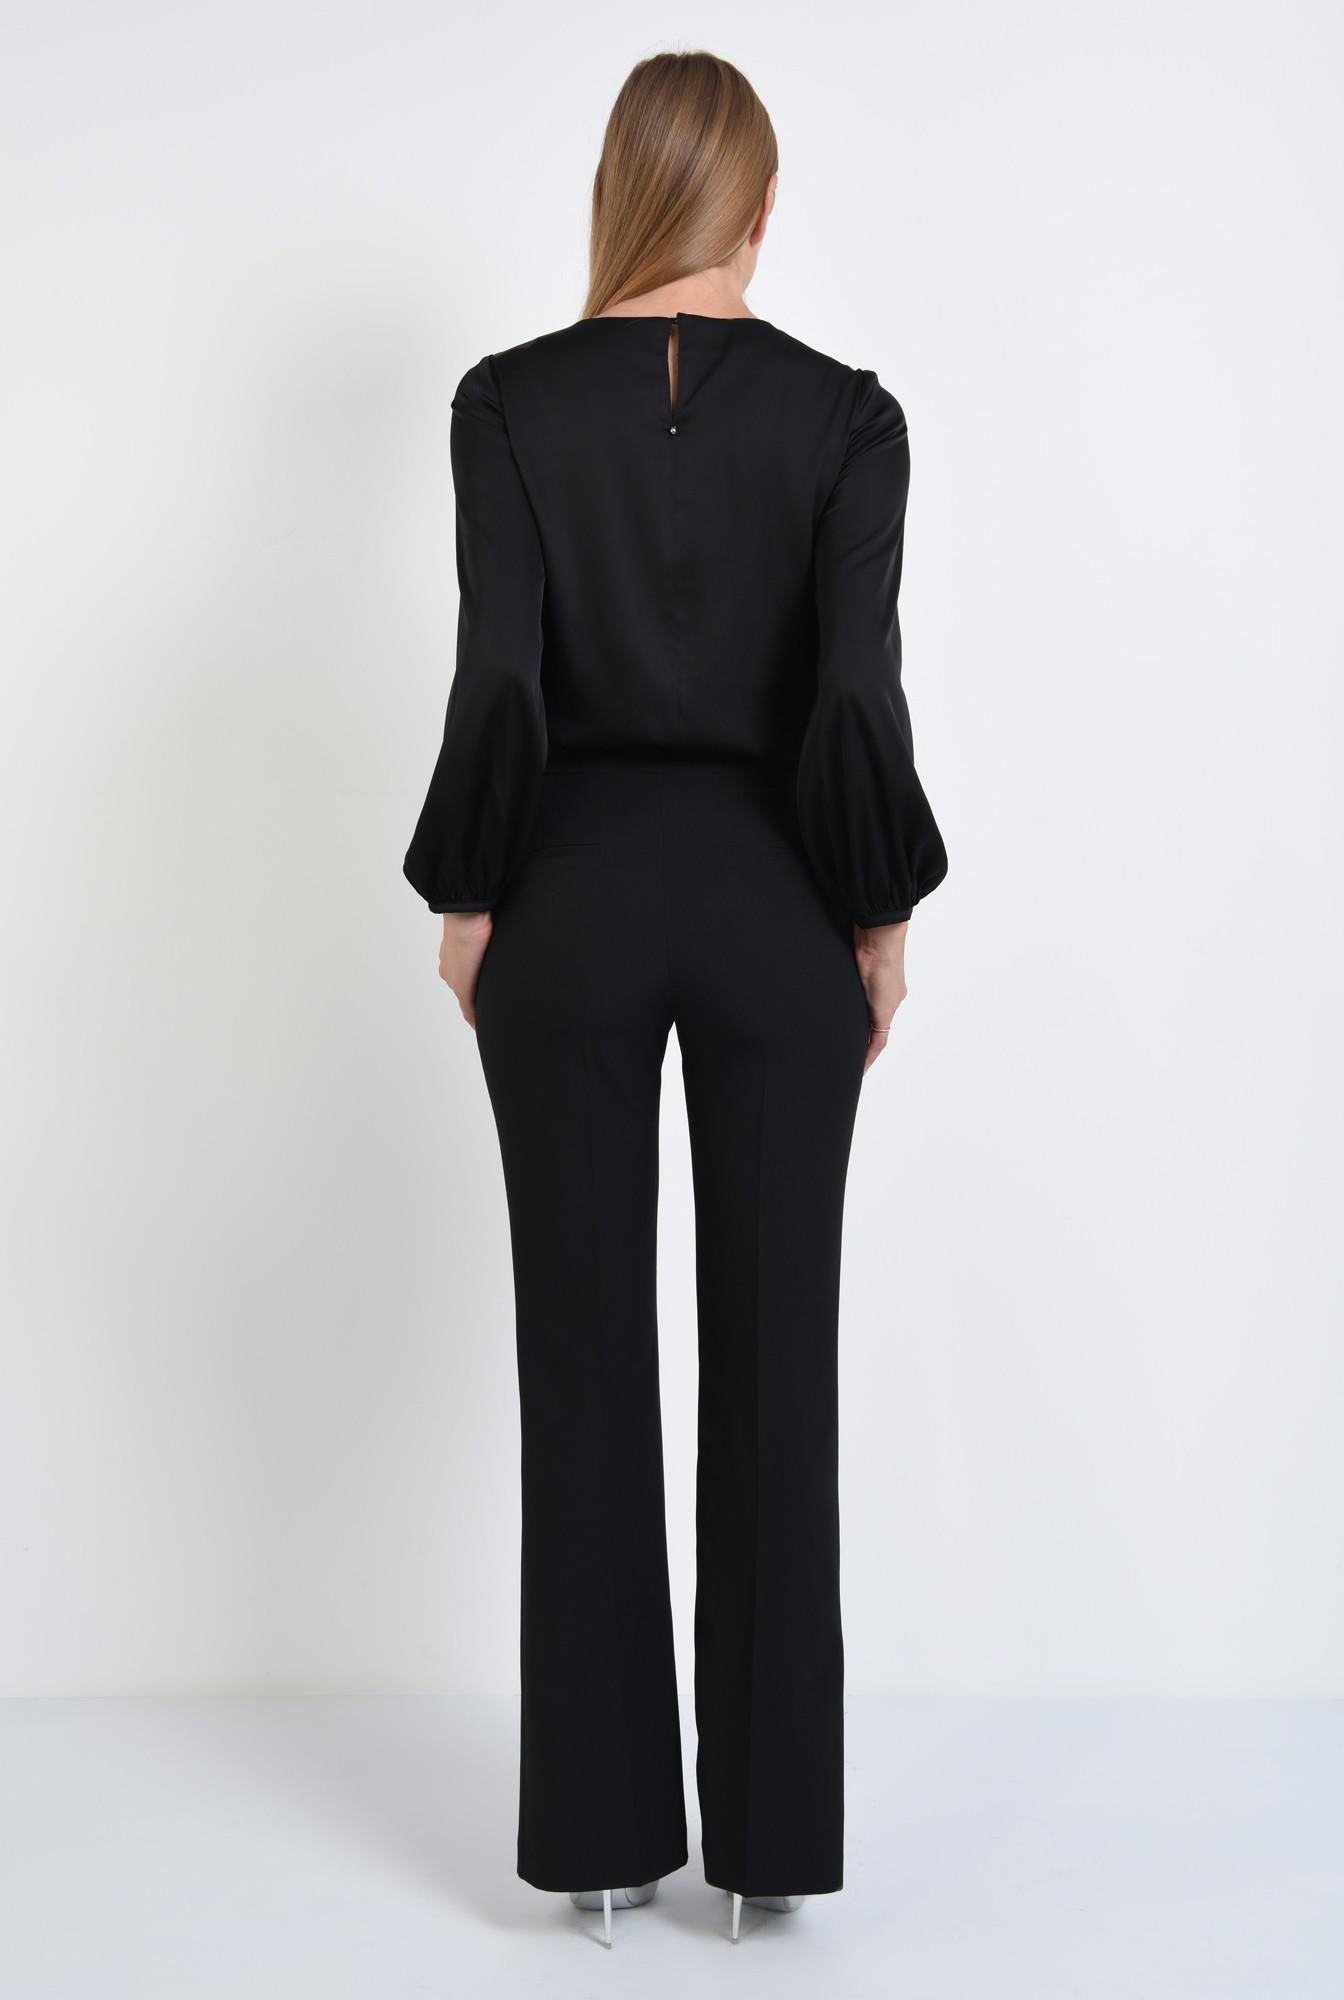 1 - 360 - bluza eleganta, cu volane, dantela aplicata, maneci lungi, mansete elastice